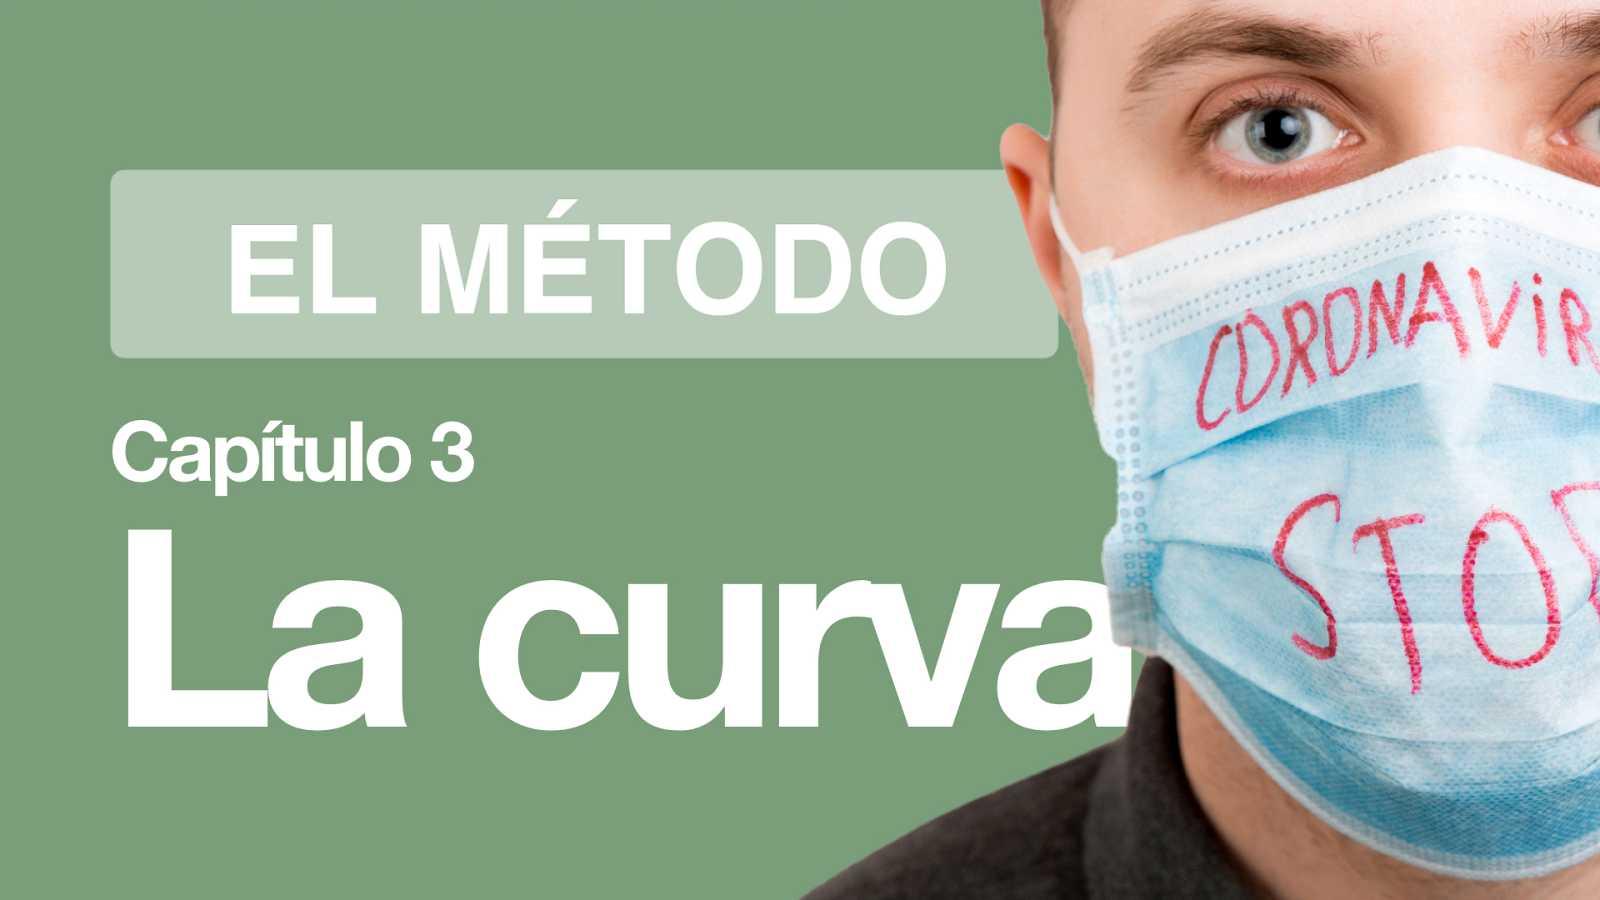 El Método | La Curva del Coronavirus: Respuestas sobre la Pandemia